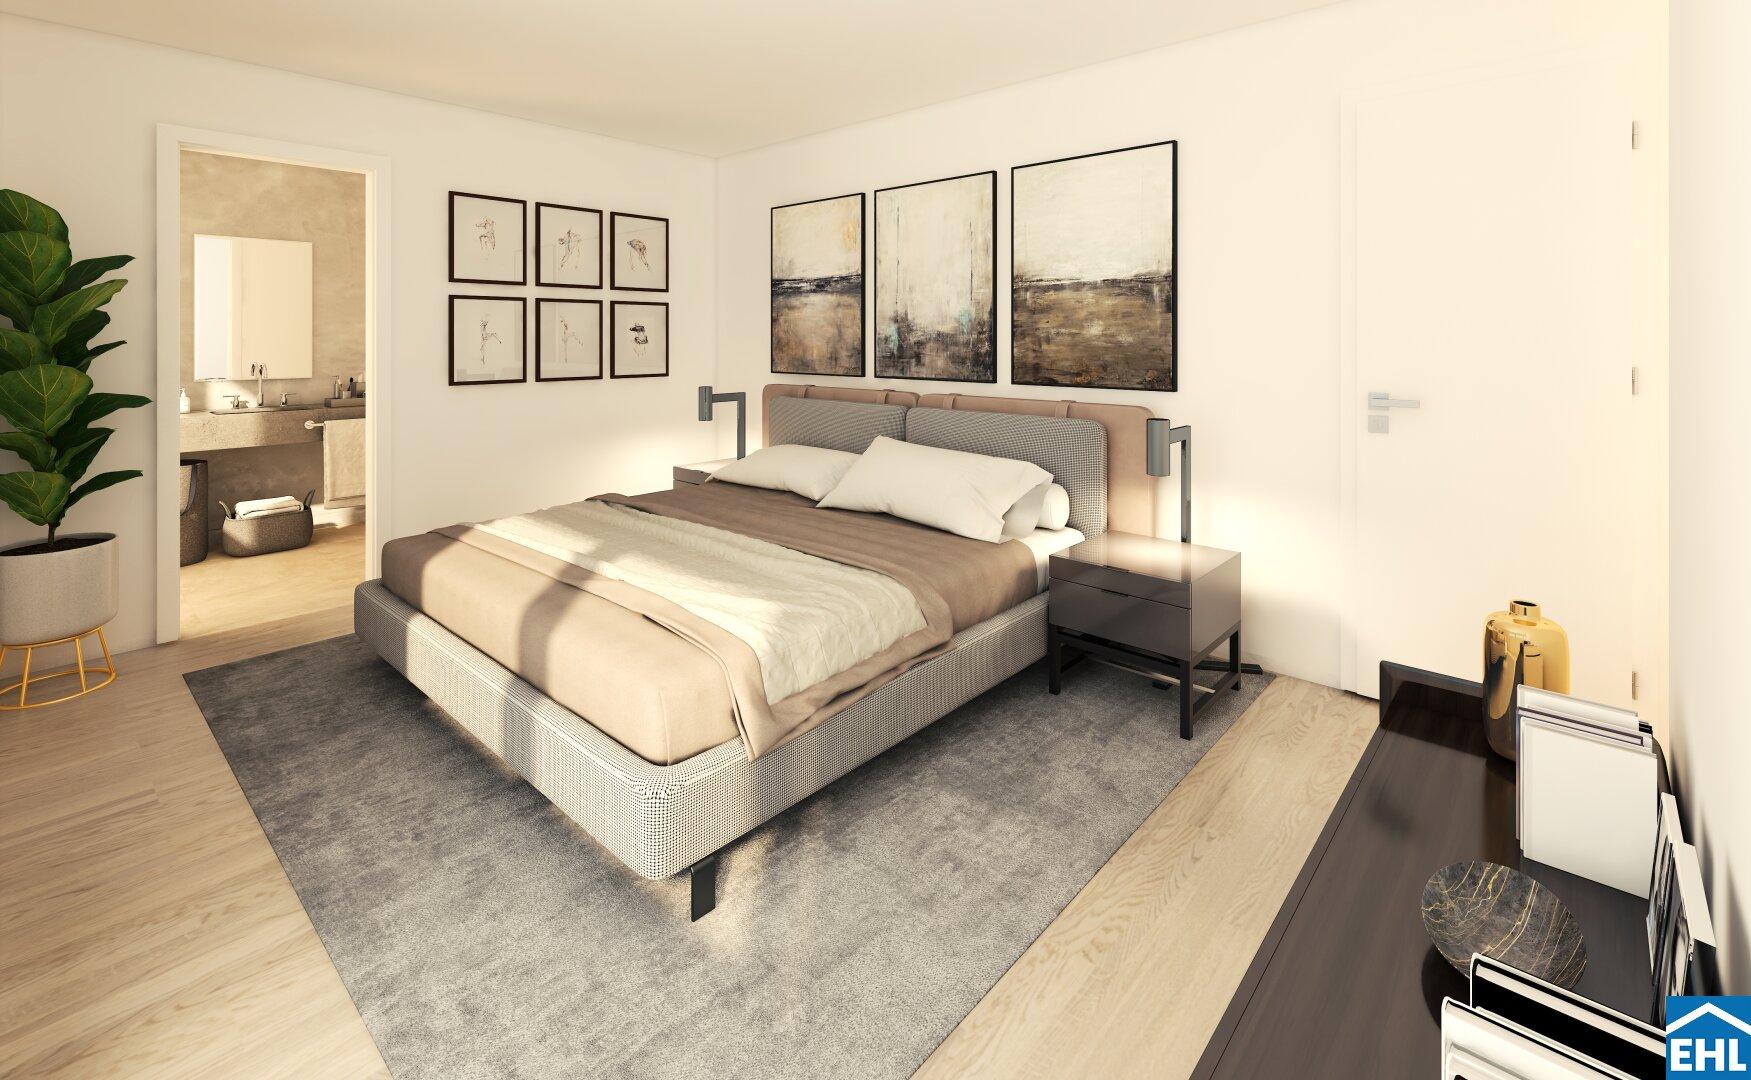 Visualisierung Schlafzimmer.jpg